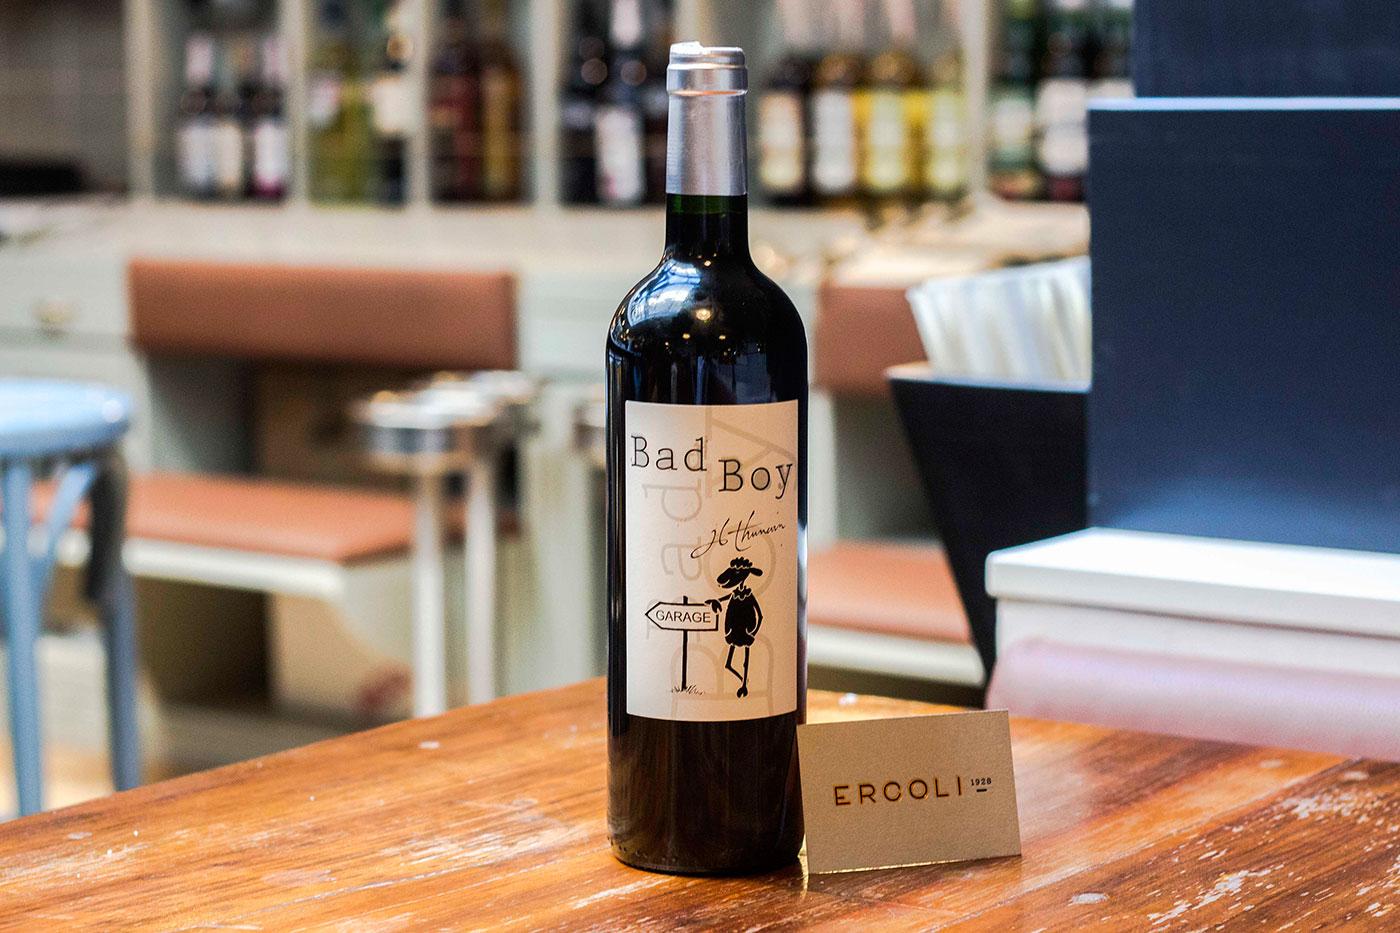 bottiglia di vino Bad Boy di Jean luc Thunevine